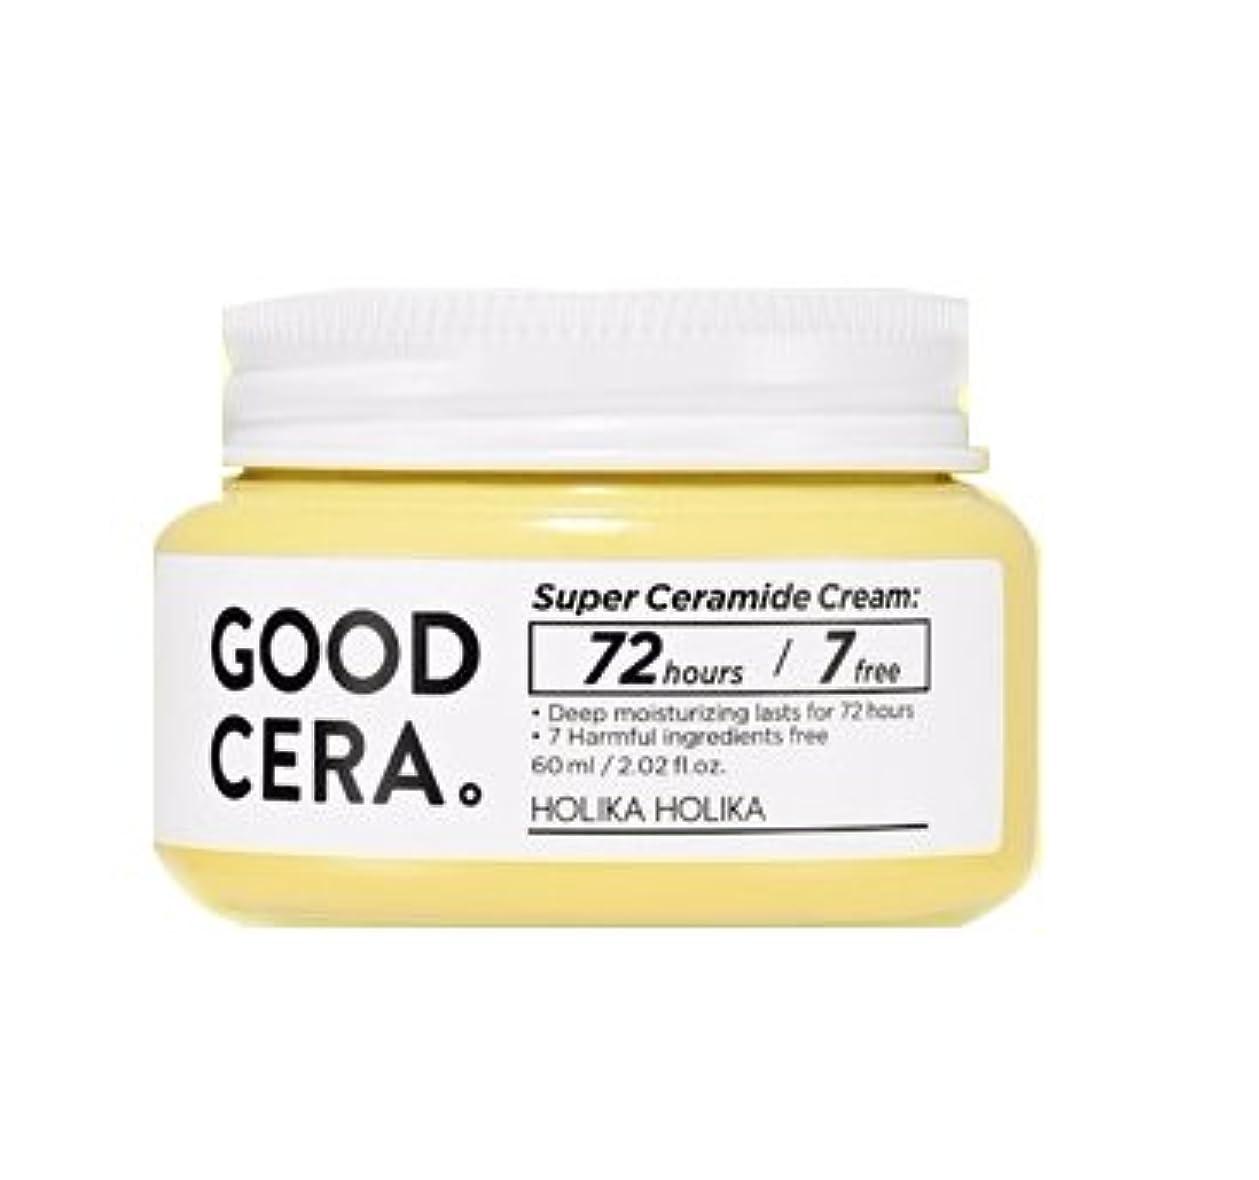 アレキサンダーグラハムベル竜巻インスタント[NEW] ホリカホリカ スーパーセラミドクリーム 60ml / HOLIKA HOLIKA Super Ceramide Cream [並行輸入品]